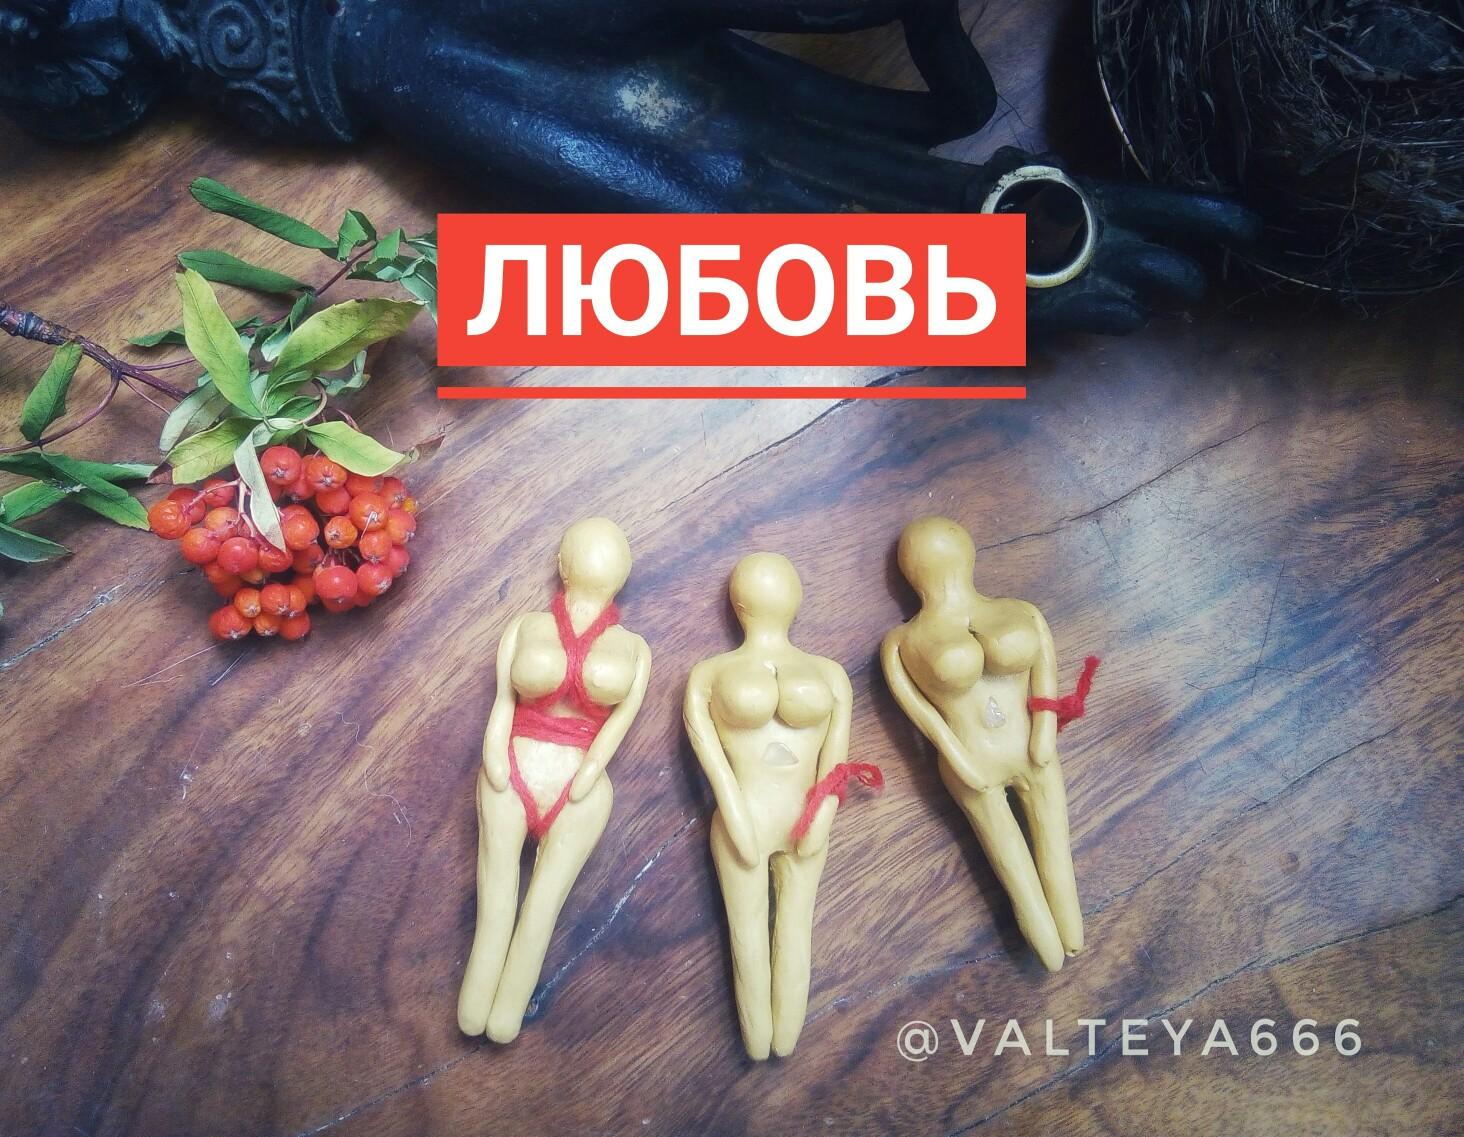 эзотерика - Куклы-талисманы для привлечения благ. Черный Вольт и бамбуковые иглы для пожизненно  - Страница 2 LtCL3_nG6EI